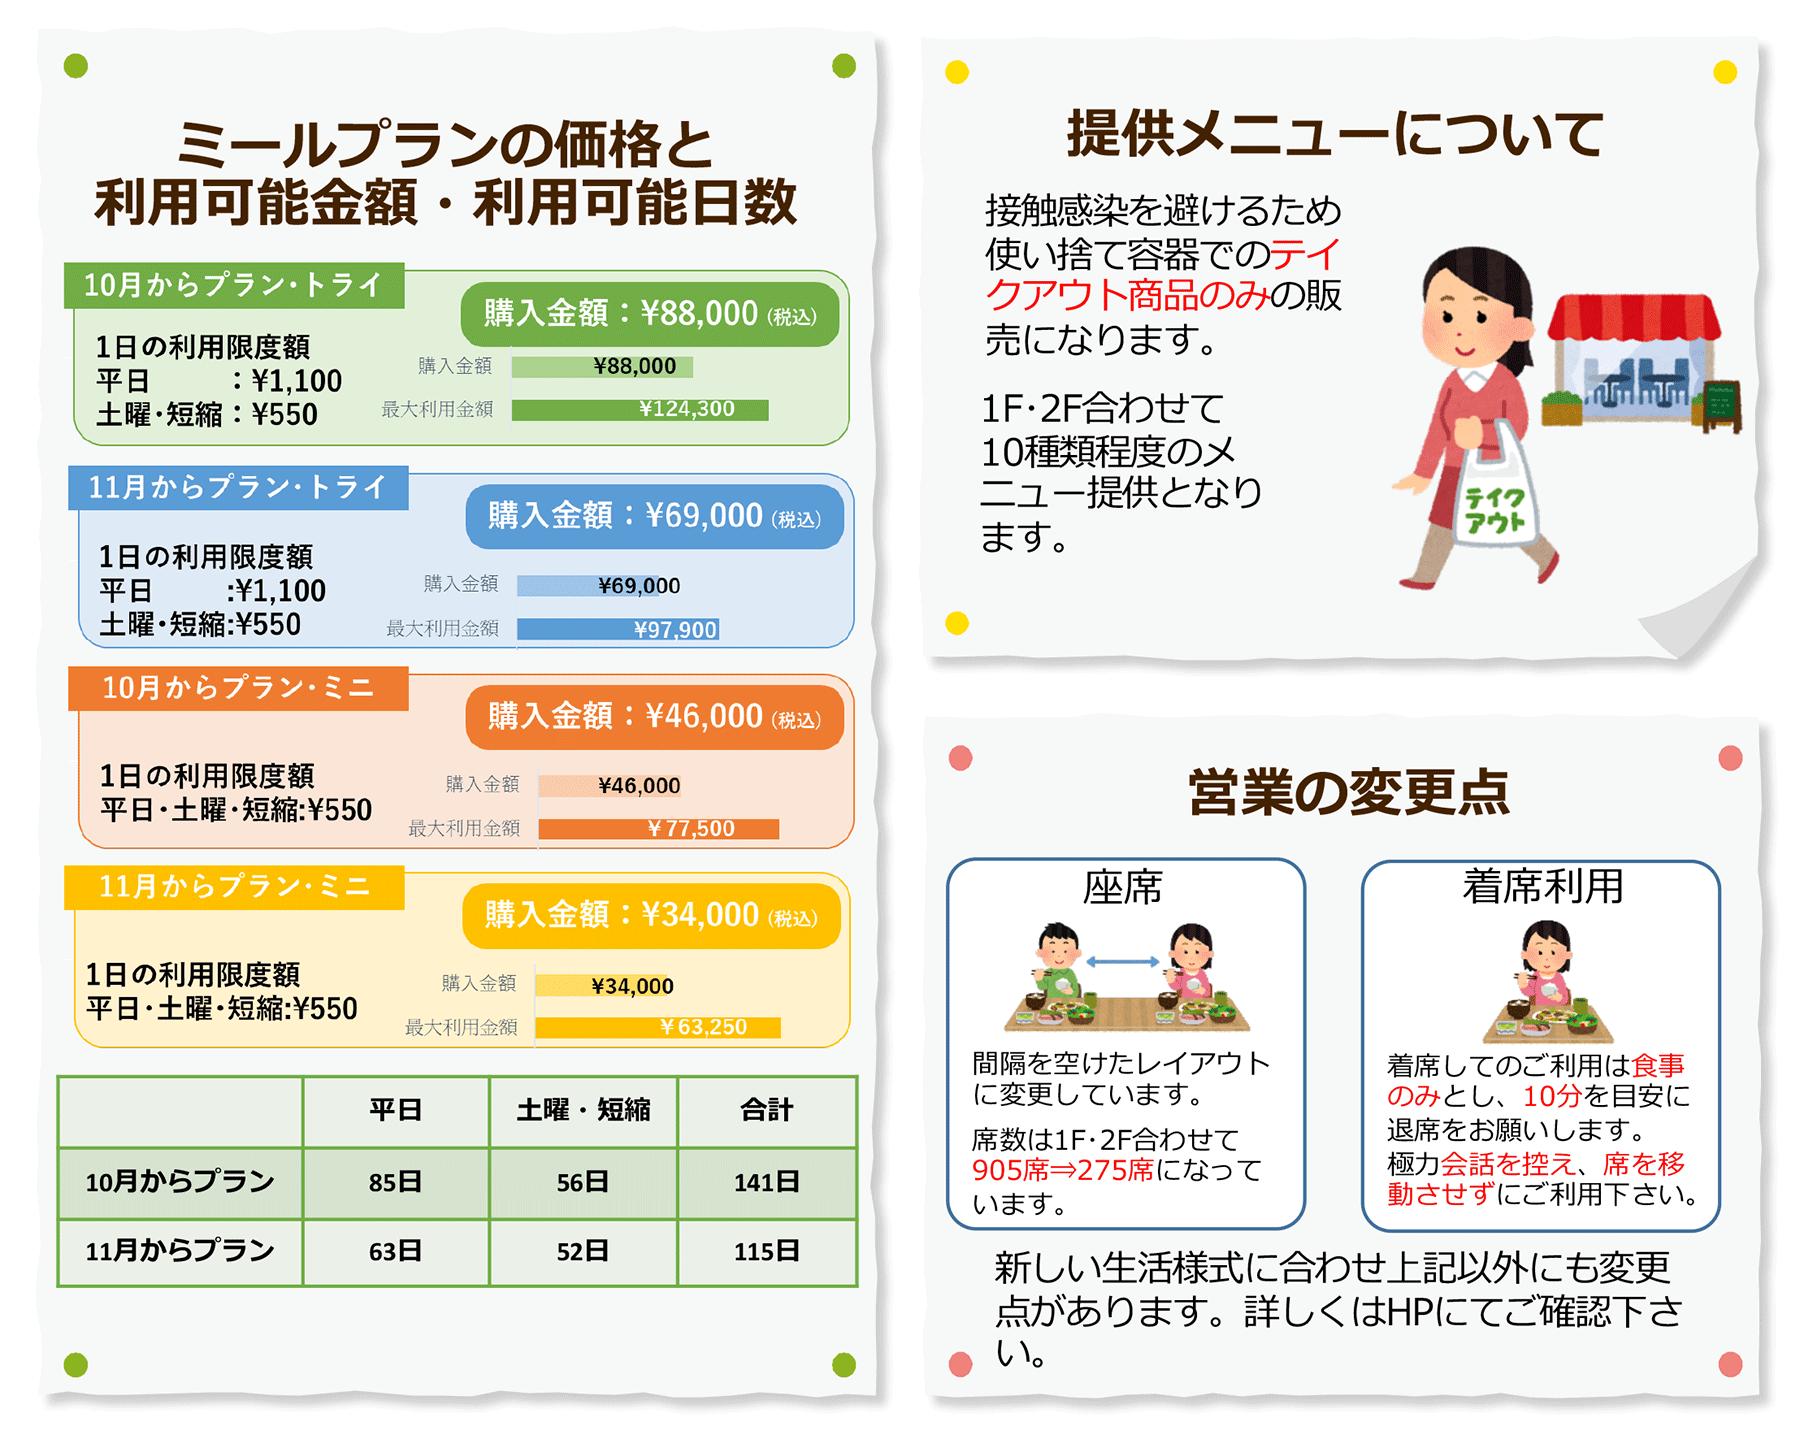 信夫 福島 寮 大学